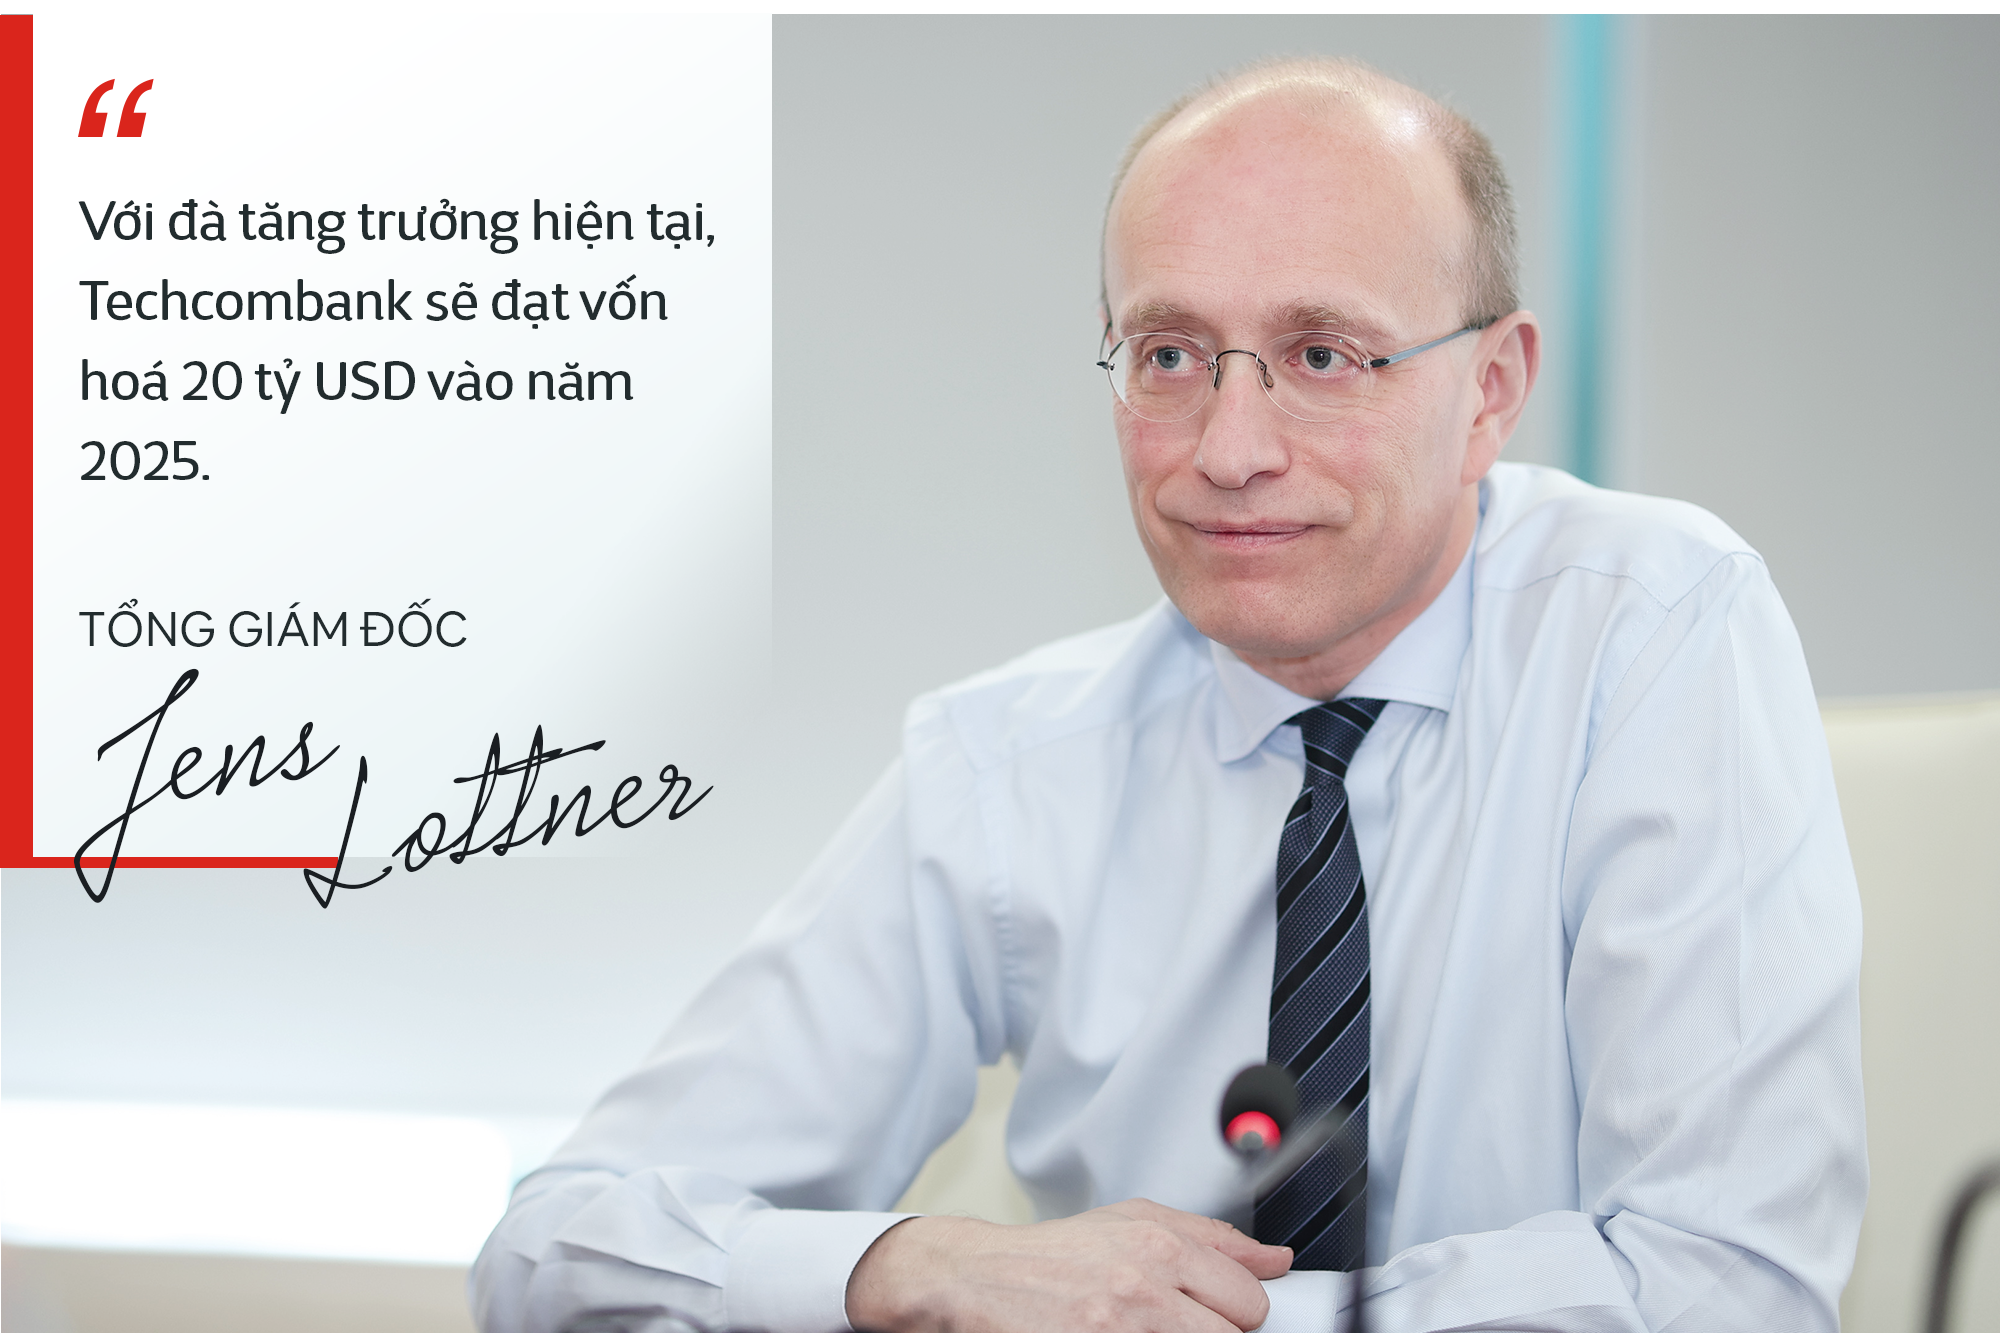 CEO Techcombank Jens Lottner: 'Tôi muốn hướng đến cung cấp trải nghiệm dịch vụ khách hàng lý thú và đơn giản như khi tải bài hát trên Spotify! - Ảnh 9.